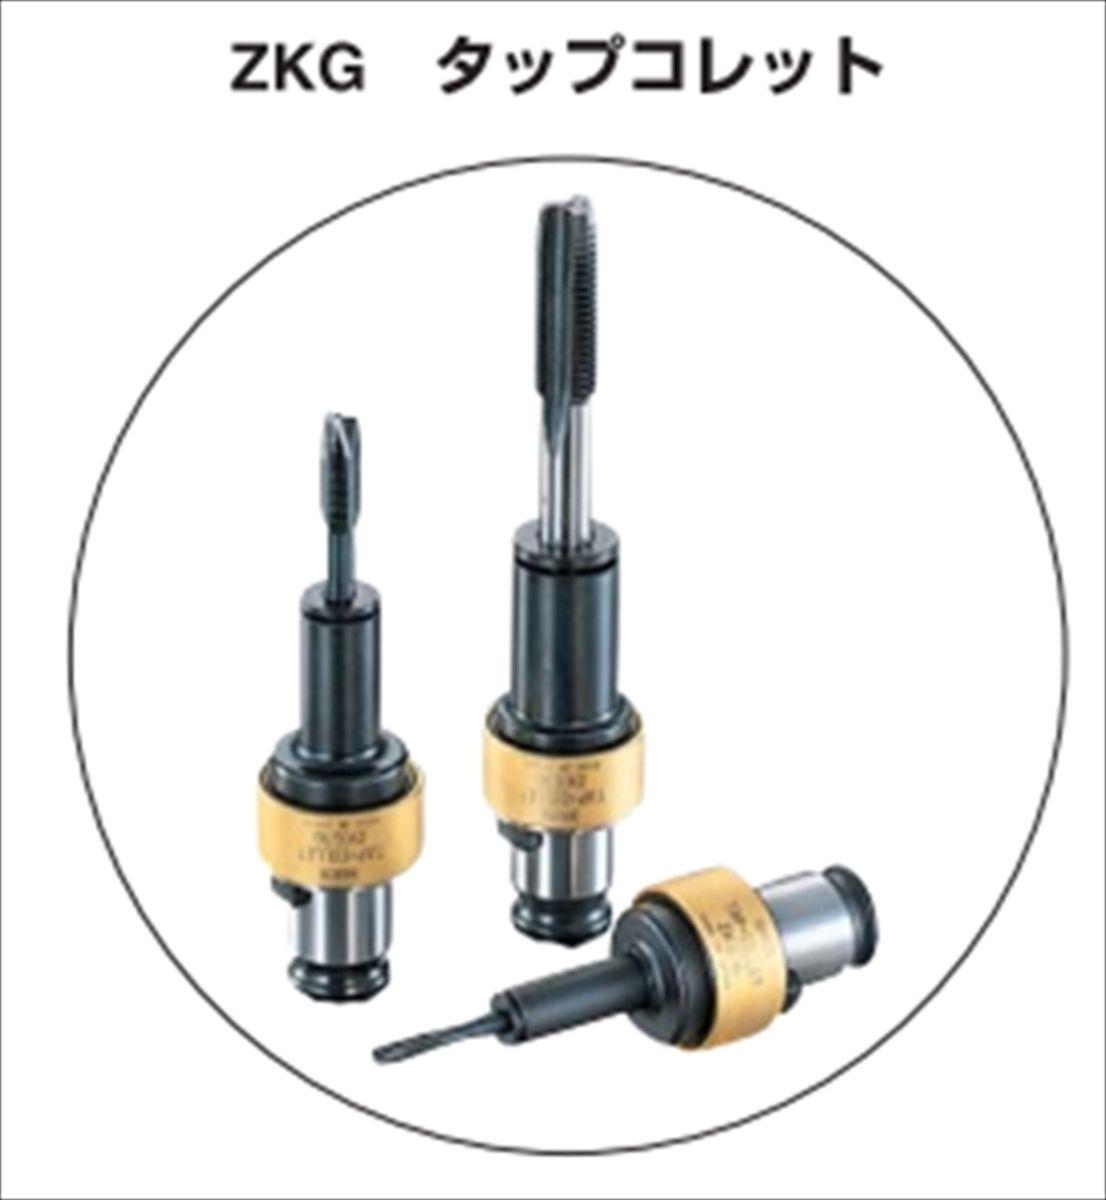 日研工作所 NIKKEN ZKG ワンタッチタップコレット (ZKG16-12)